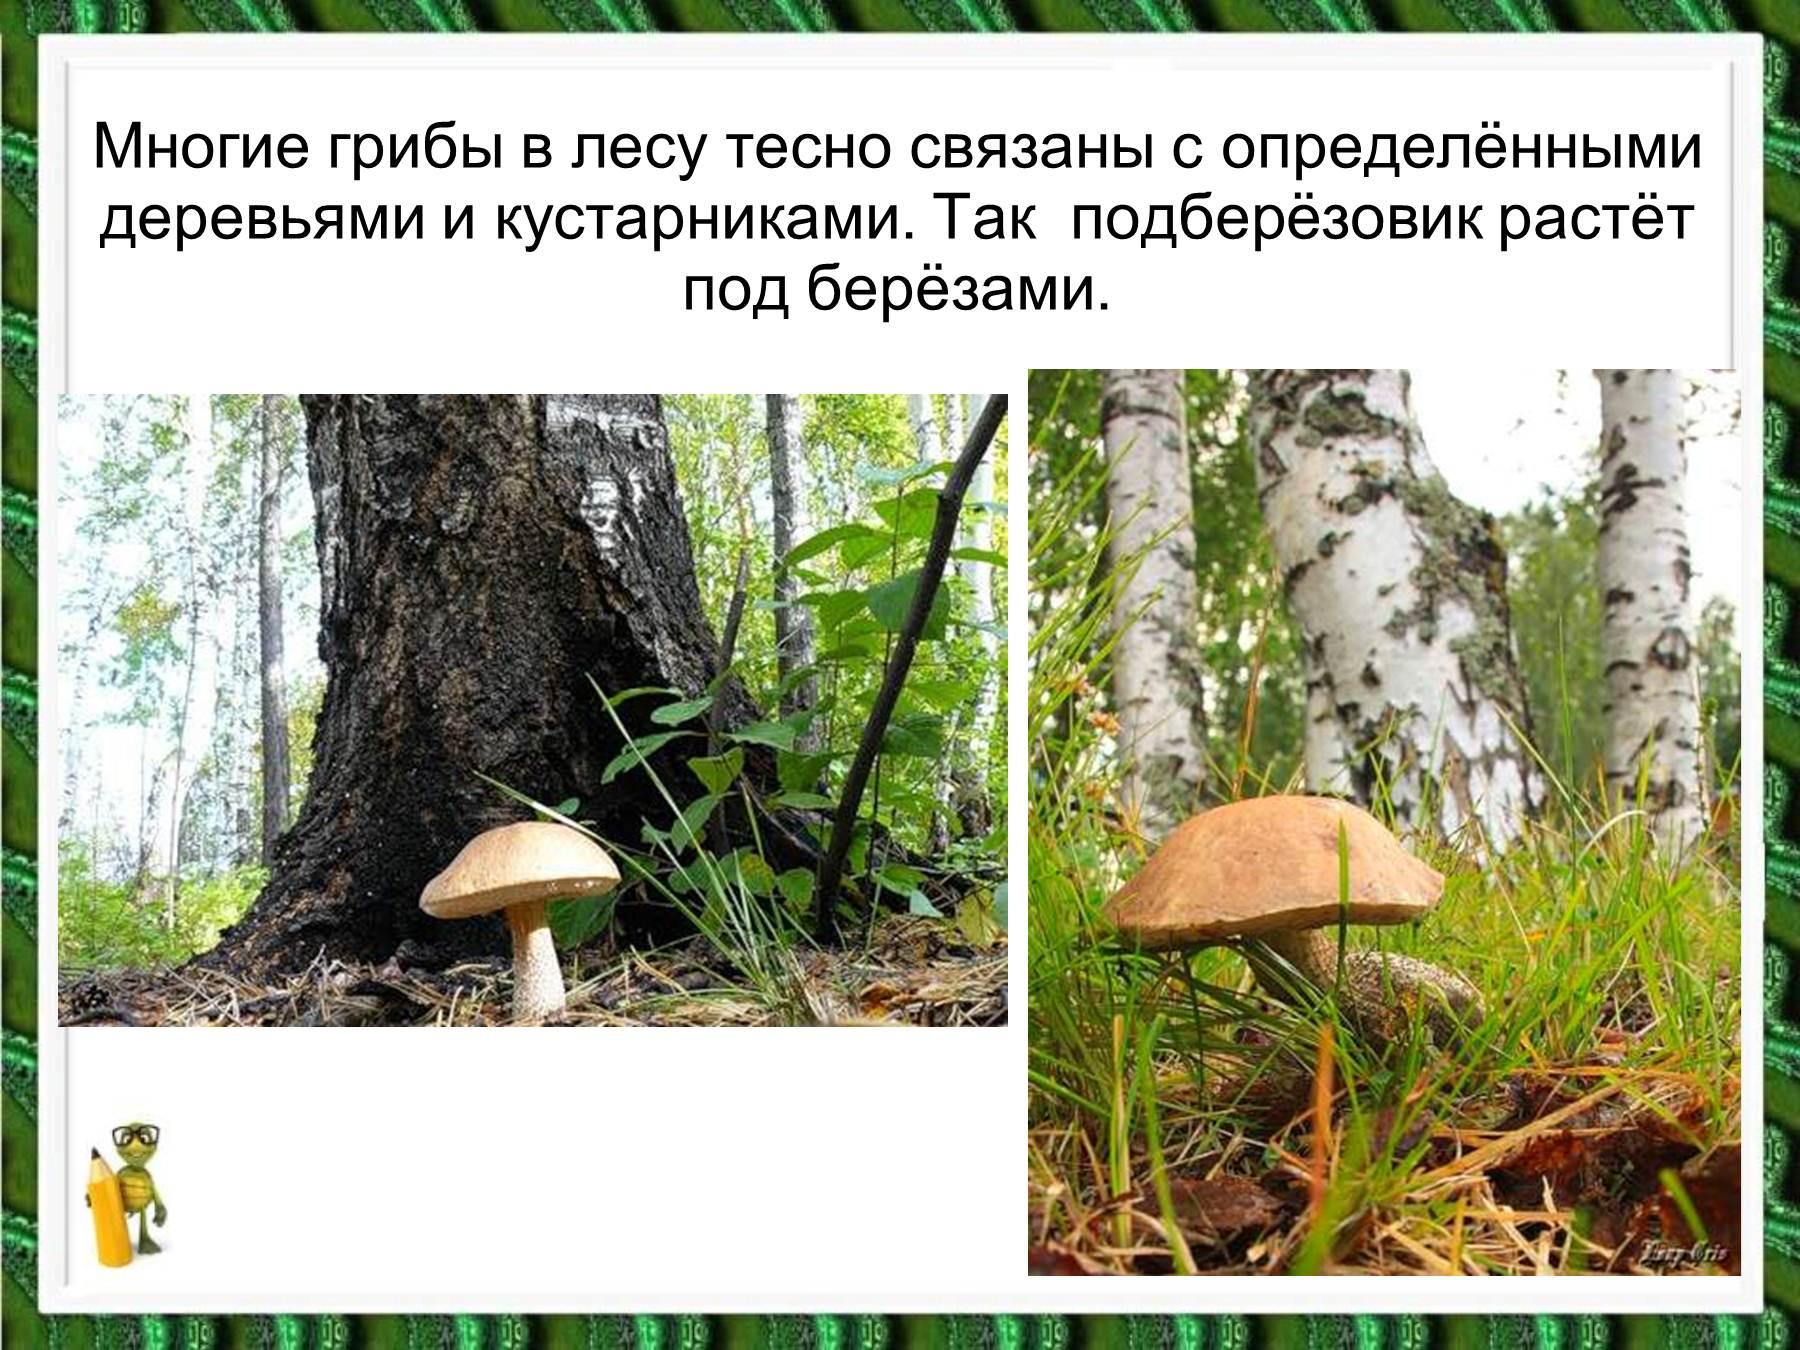 Связанную в лесу 3 фотография